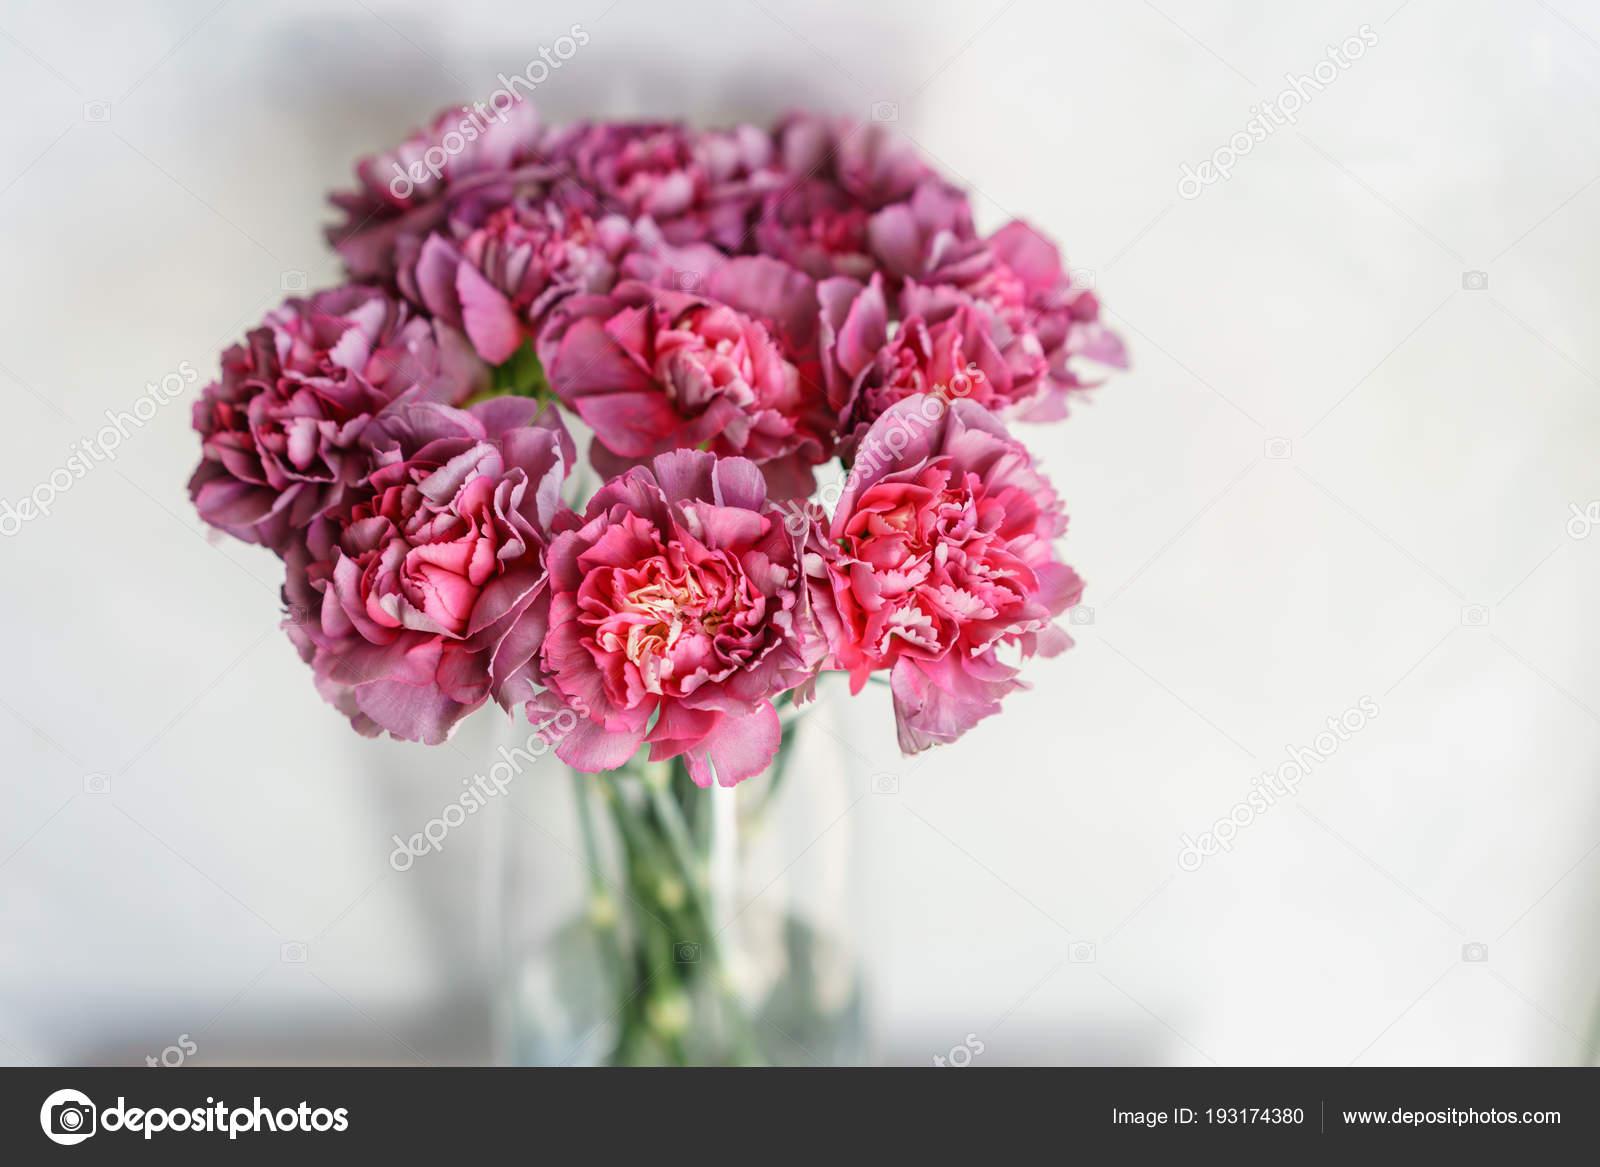 Bellissimi Fiori Di Garofano In Un Vaso Su Un Tavolo. Bouquet Di Fiori  Multicolor Viola, Viola E Rosa. Decorazione Della Casa.